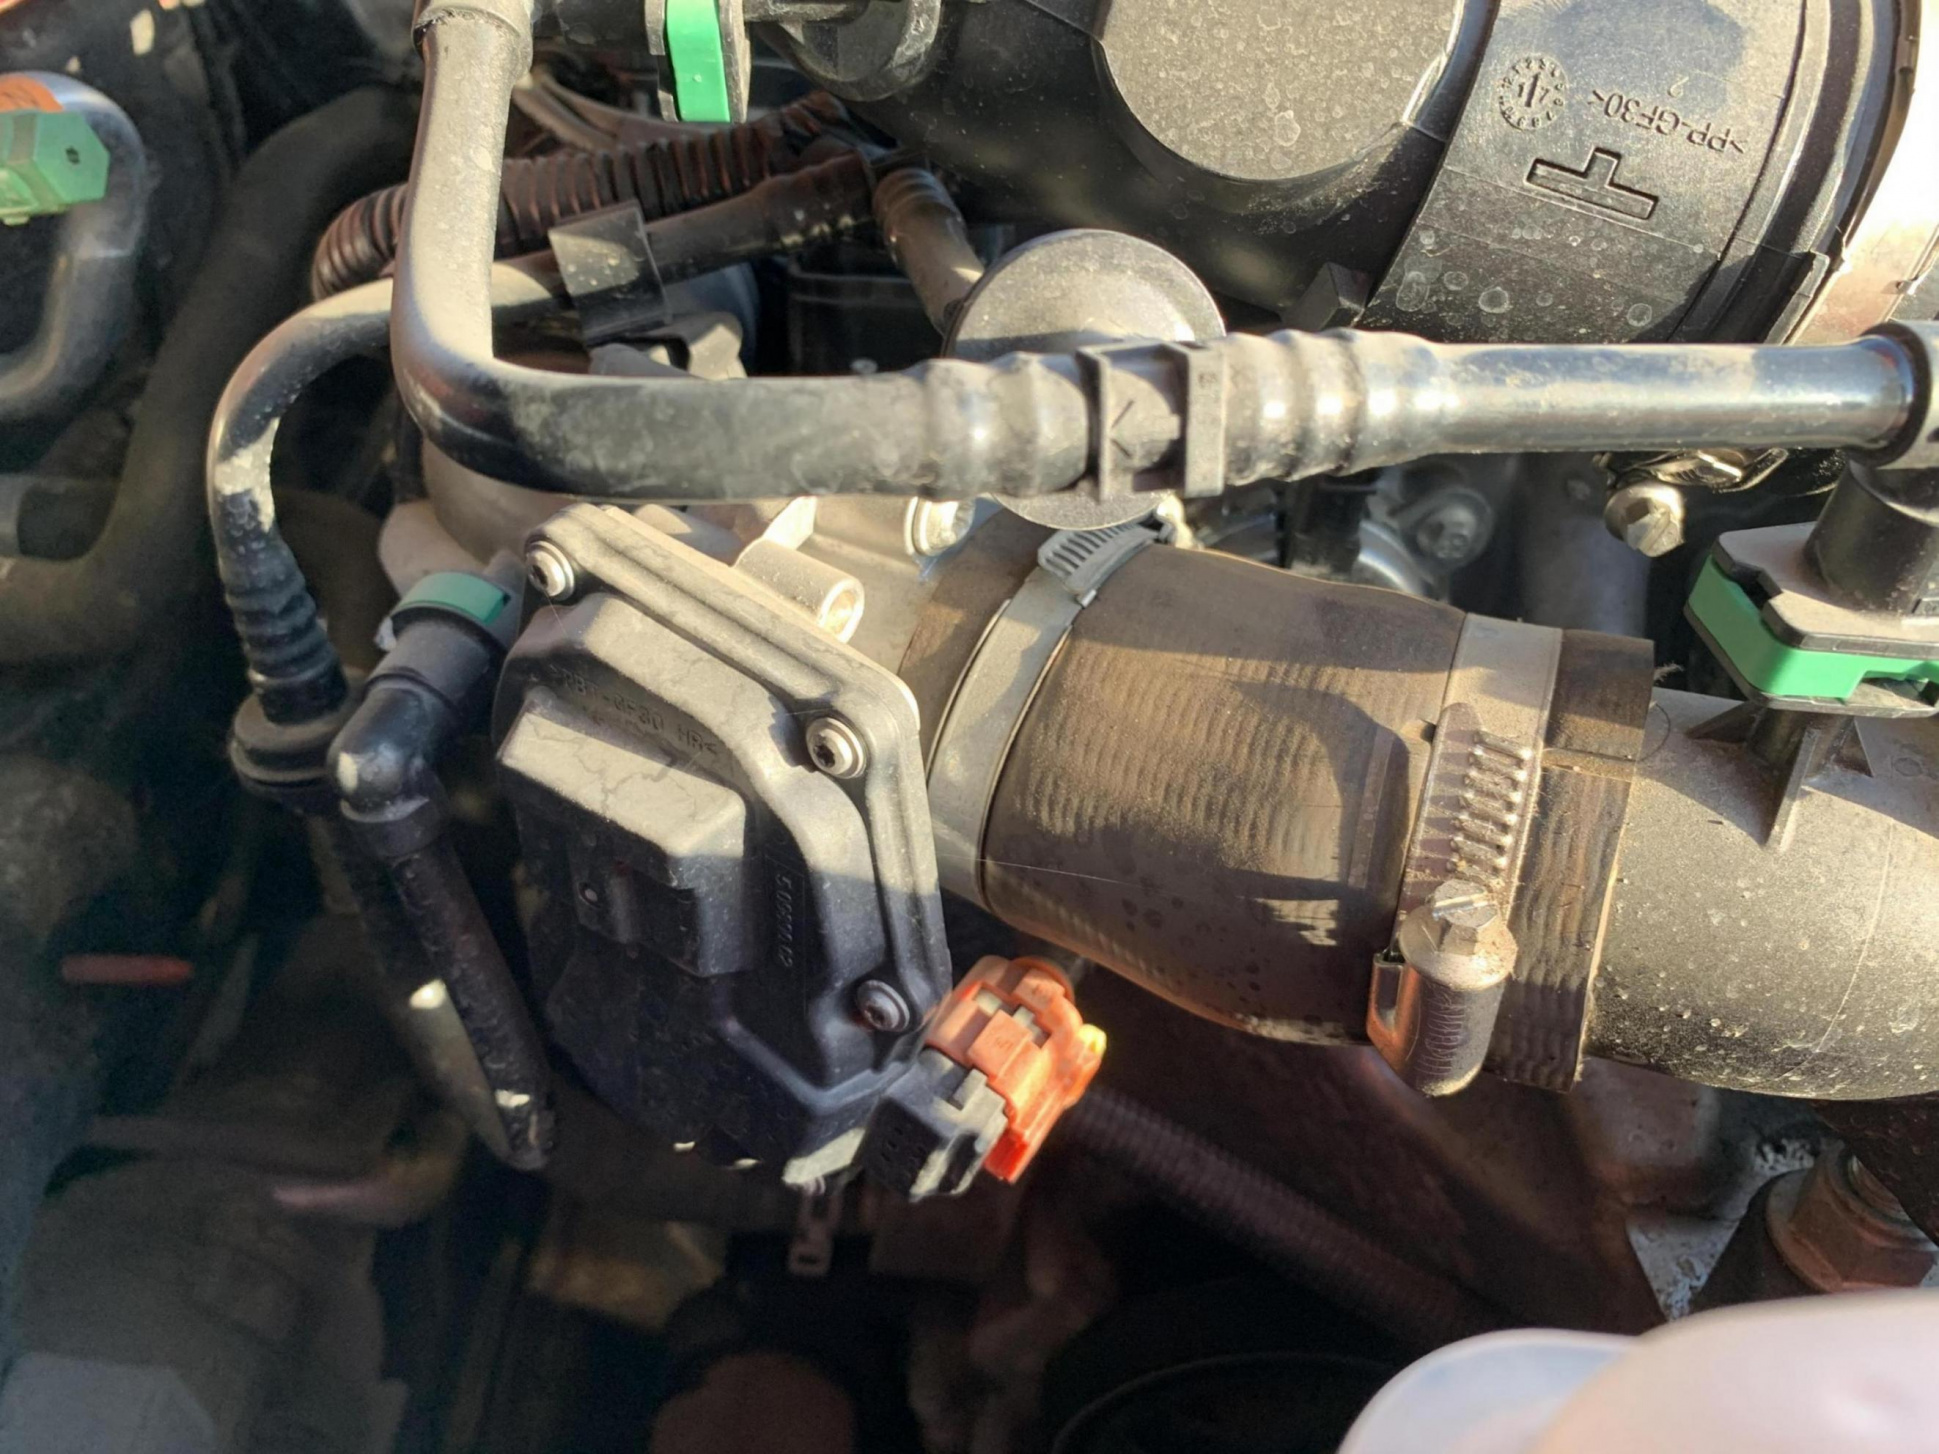 Turbosmart Dual Port TS-0203-1065-4beb946e-4a5d-4b8f-adb8-34cfc227f672_1571335460688.jpg